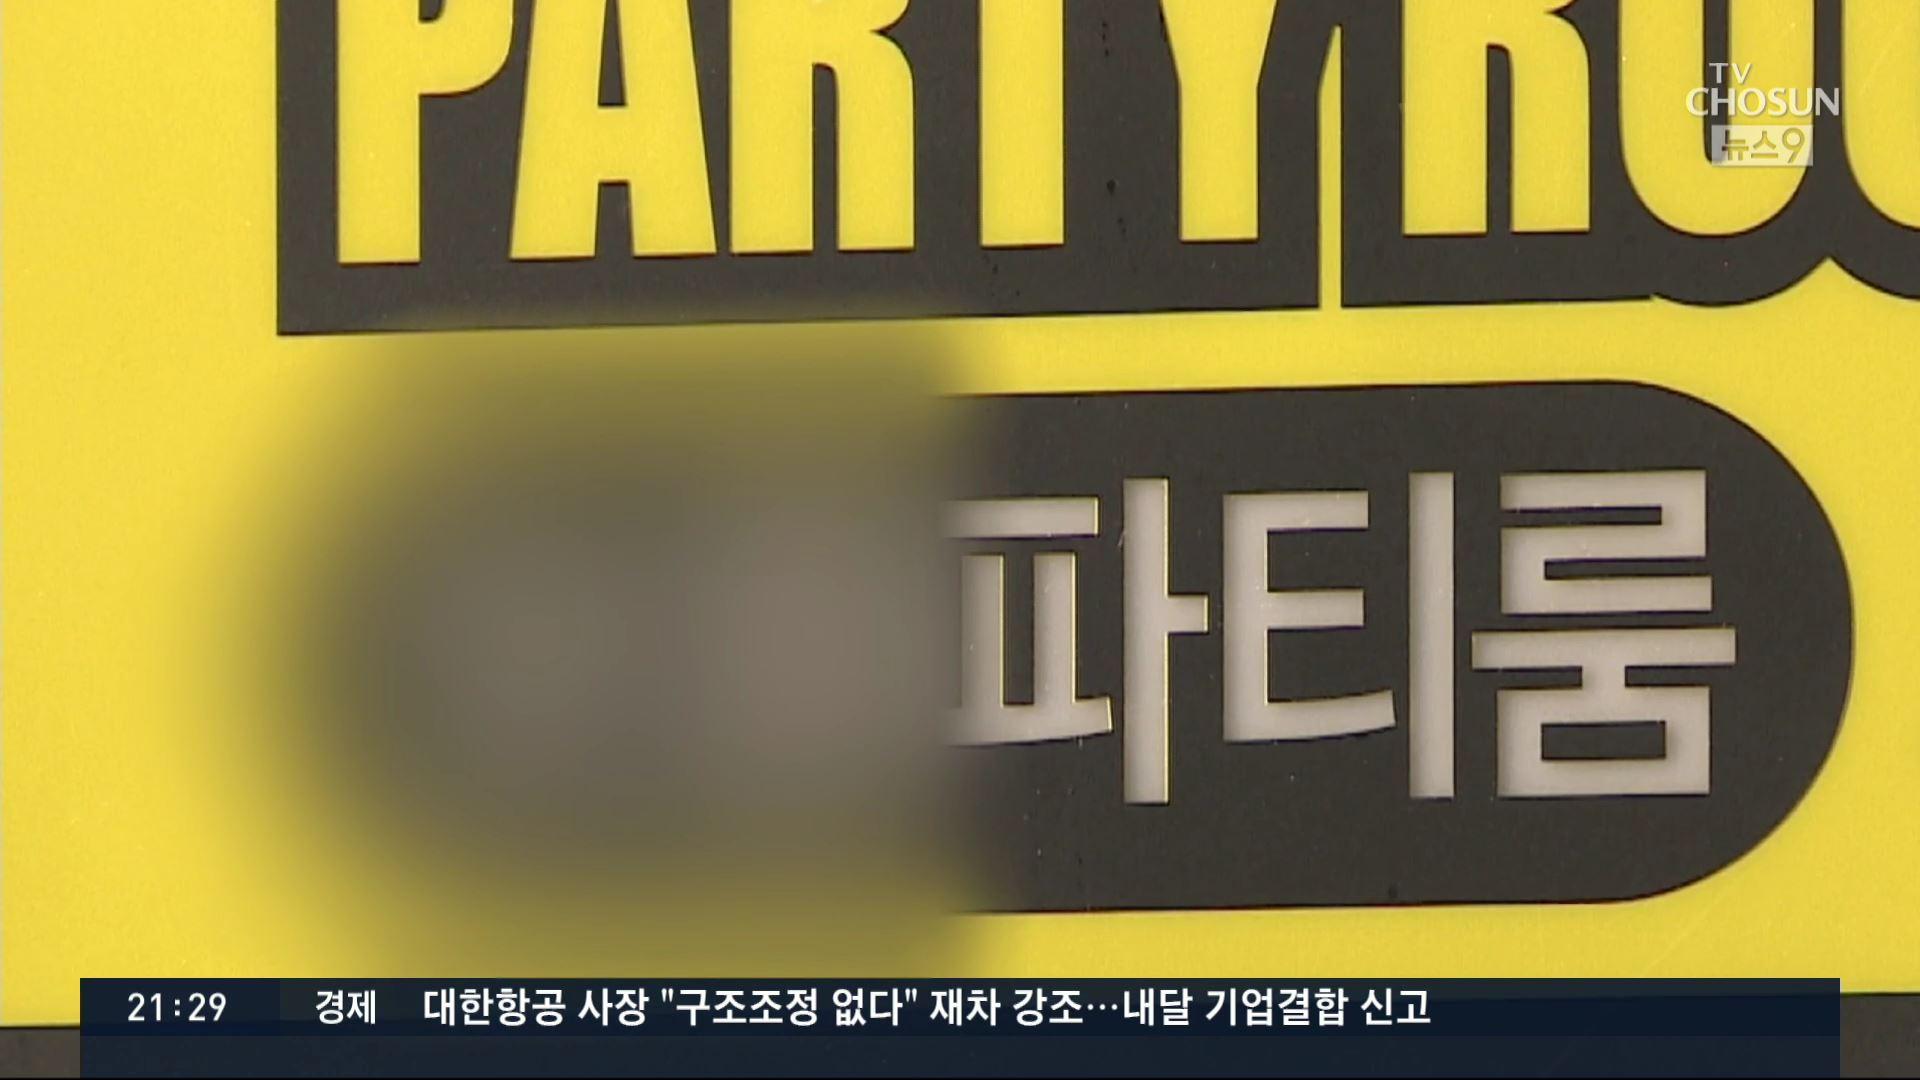 [단독] '연말파티 금지'에도 파티룸 성업…파악도 못한 지자체